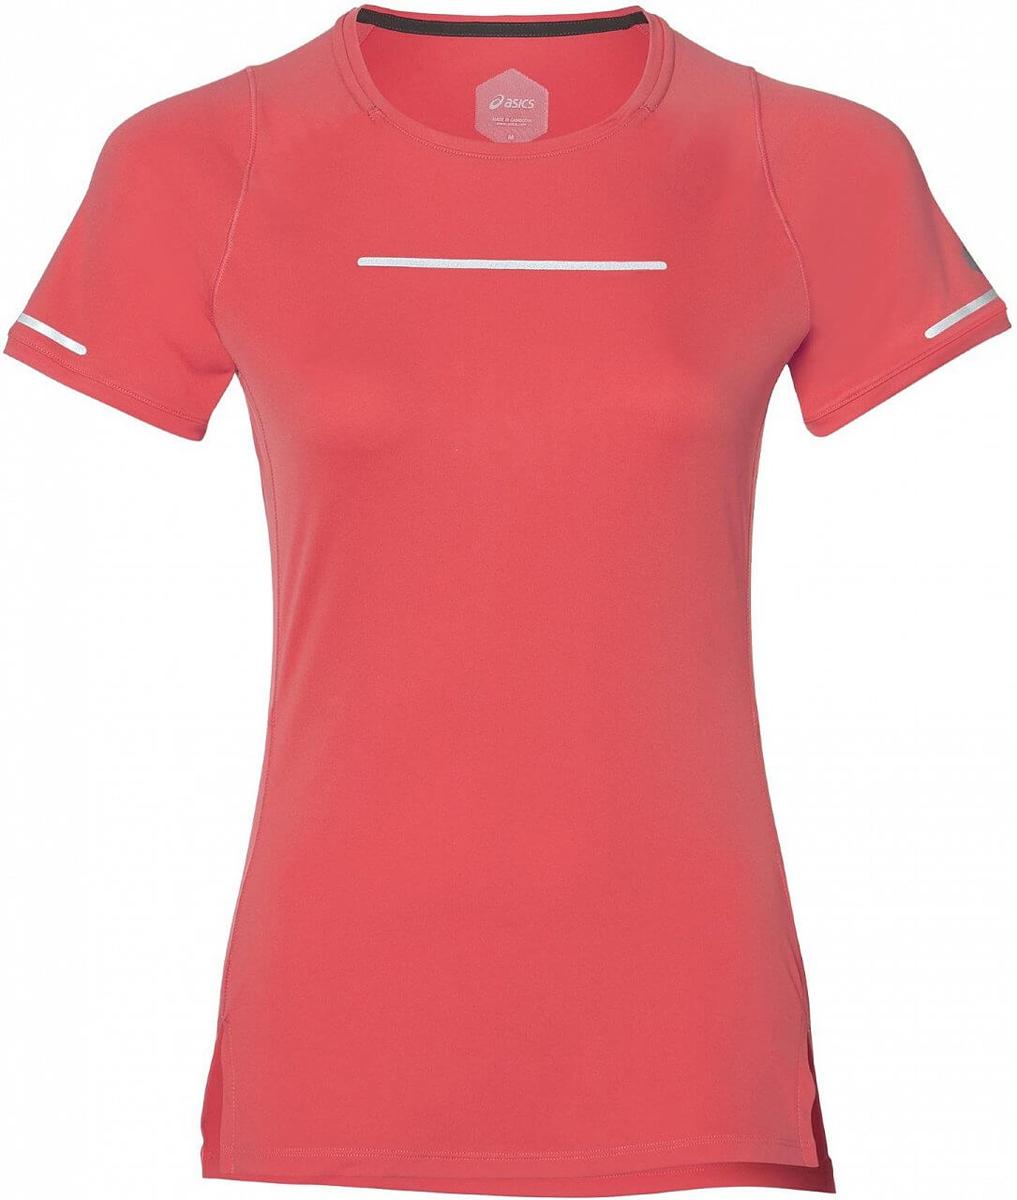 Футболка для бега женская Asics Lite-Show Ss Top, цвет: коралловый. 154528-0698. Размер S (44)